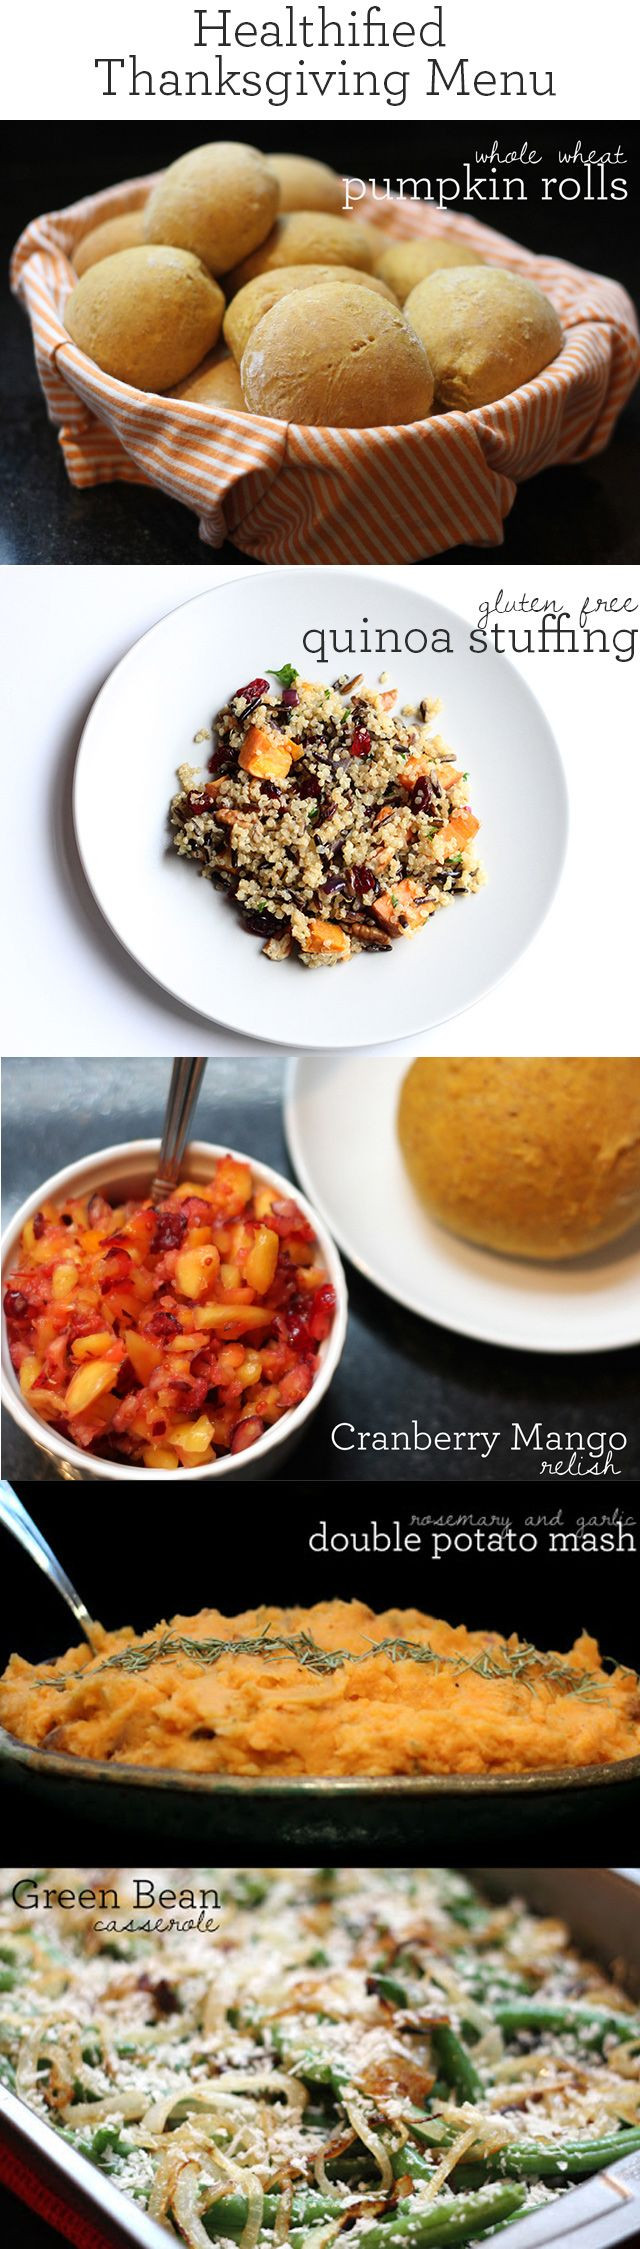 Healthy Thanksgiving Menu  Healthy Thanksgiving Recipe Ideas